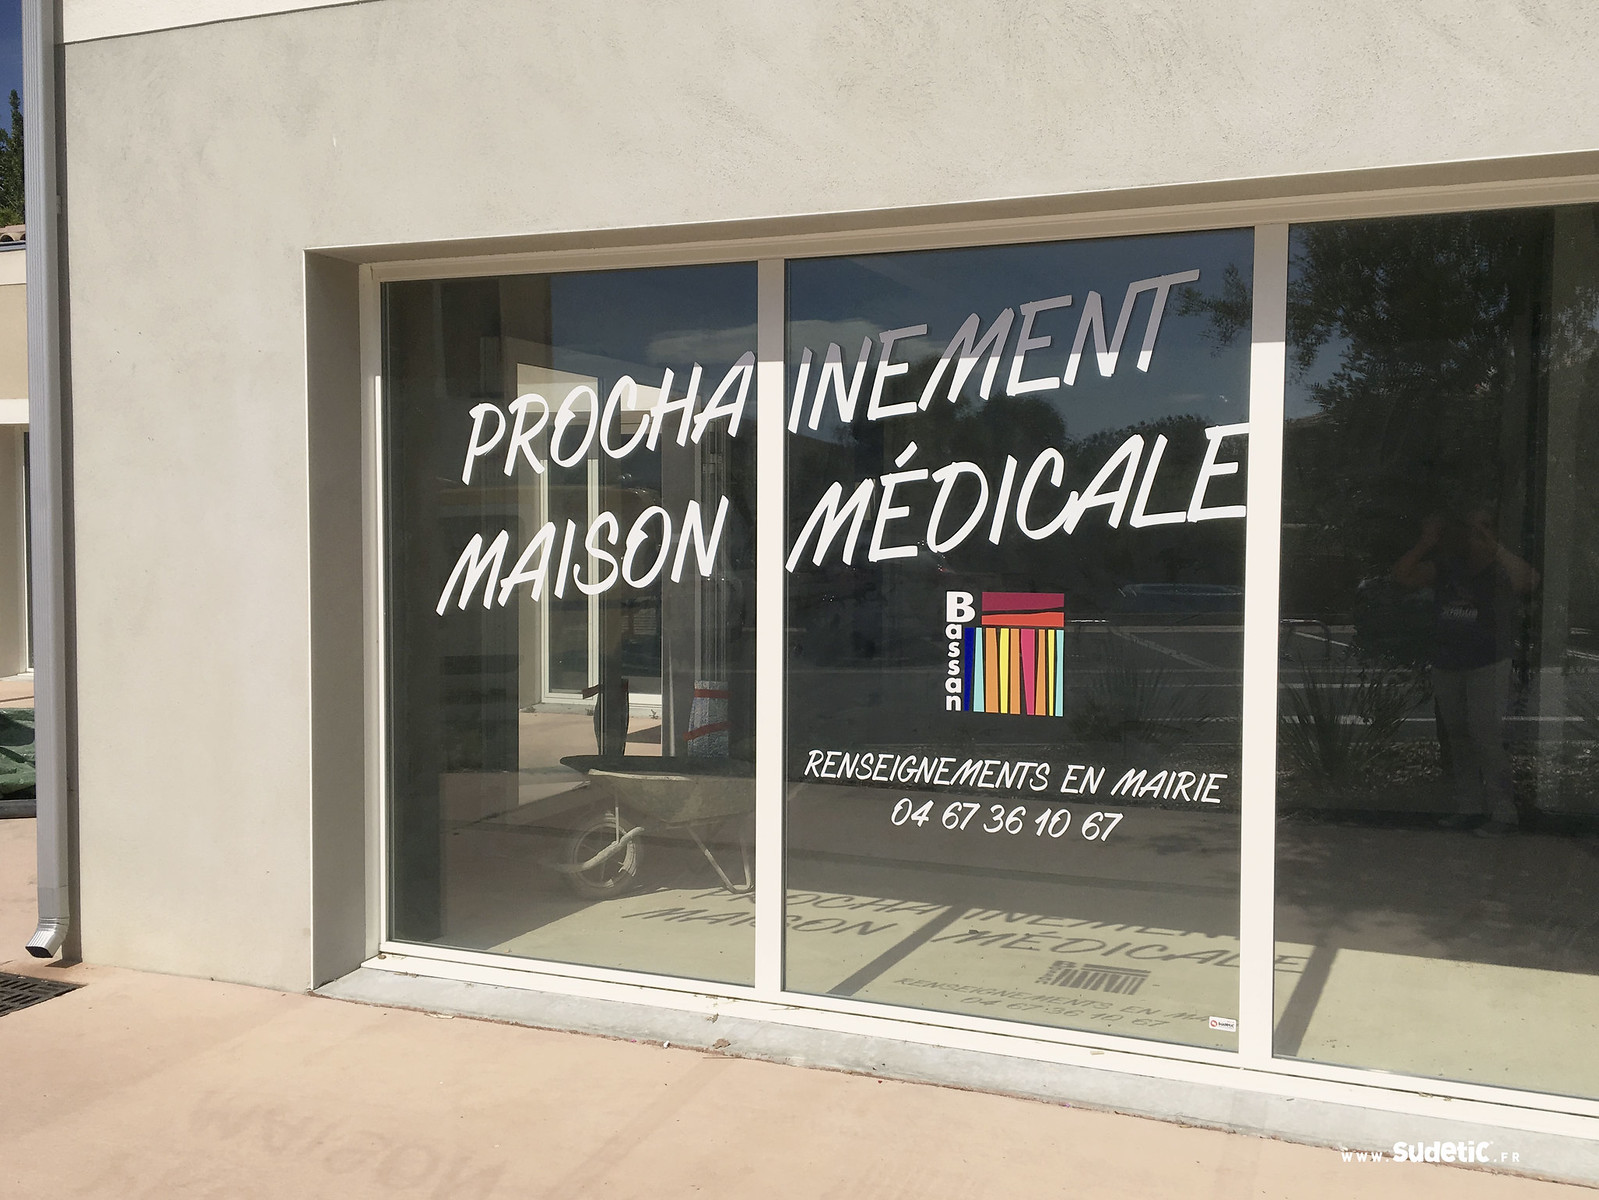 Sudetic-vitrine-Maison-Medicale-Bassan-3